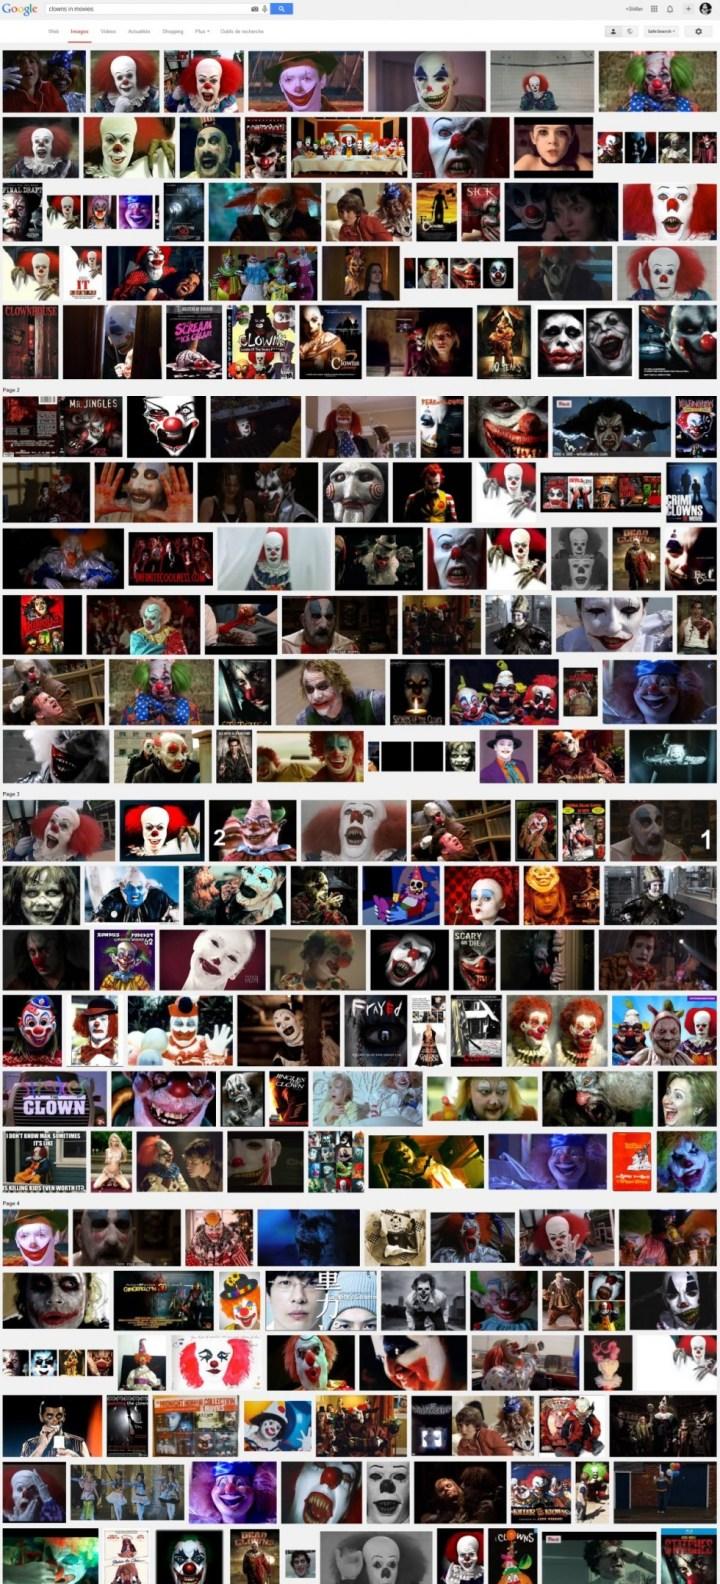 Les clowns dans les films selon Google Images